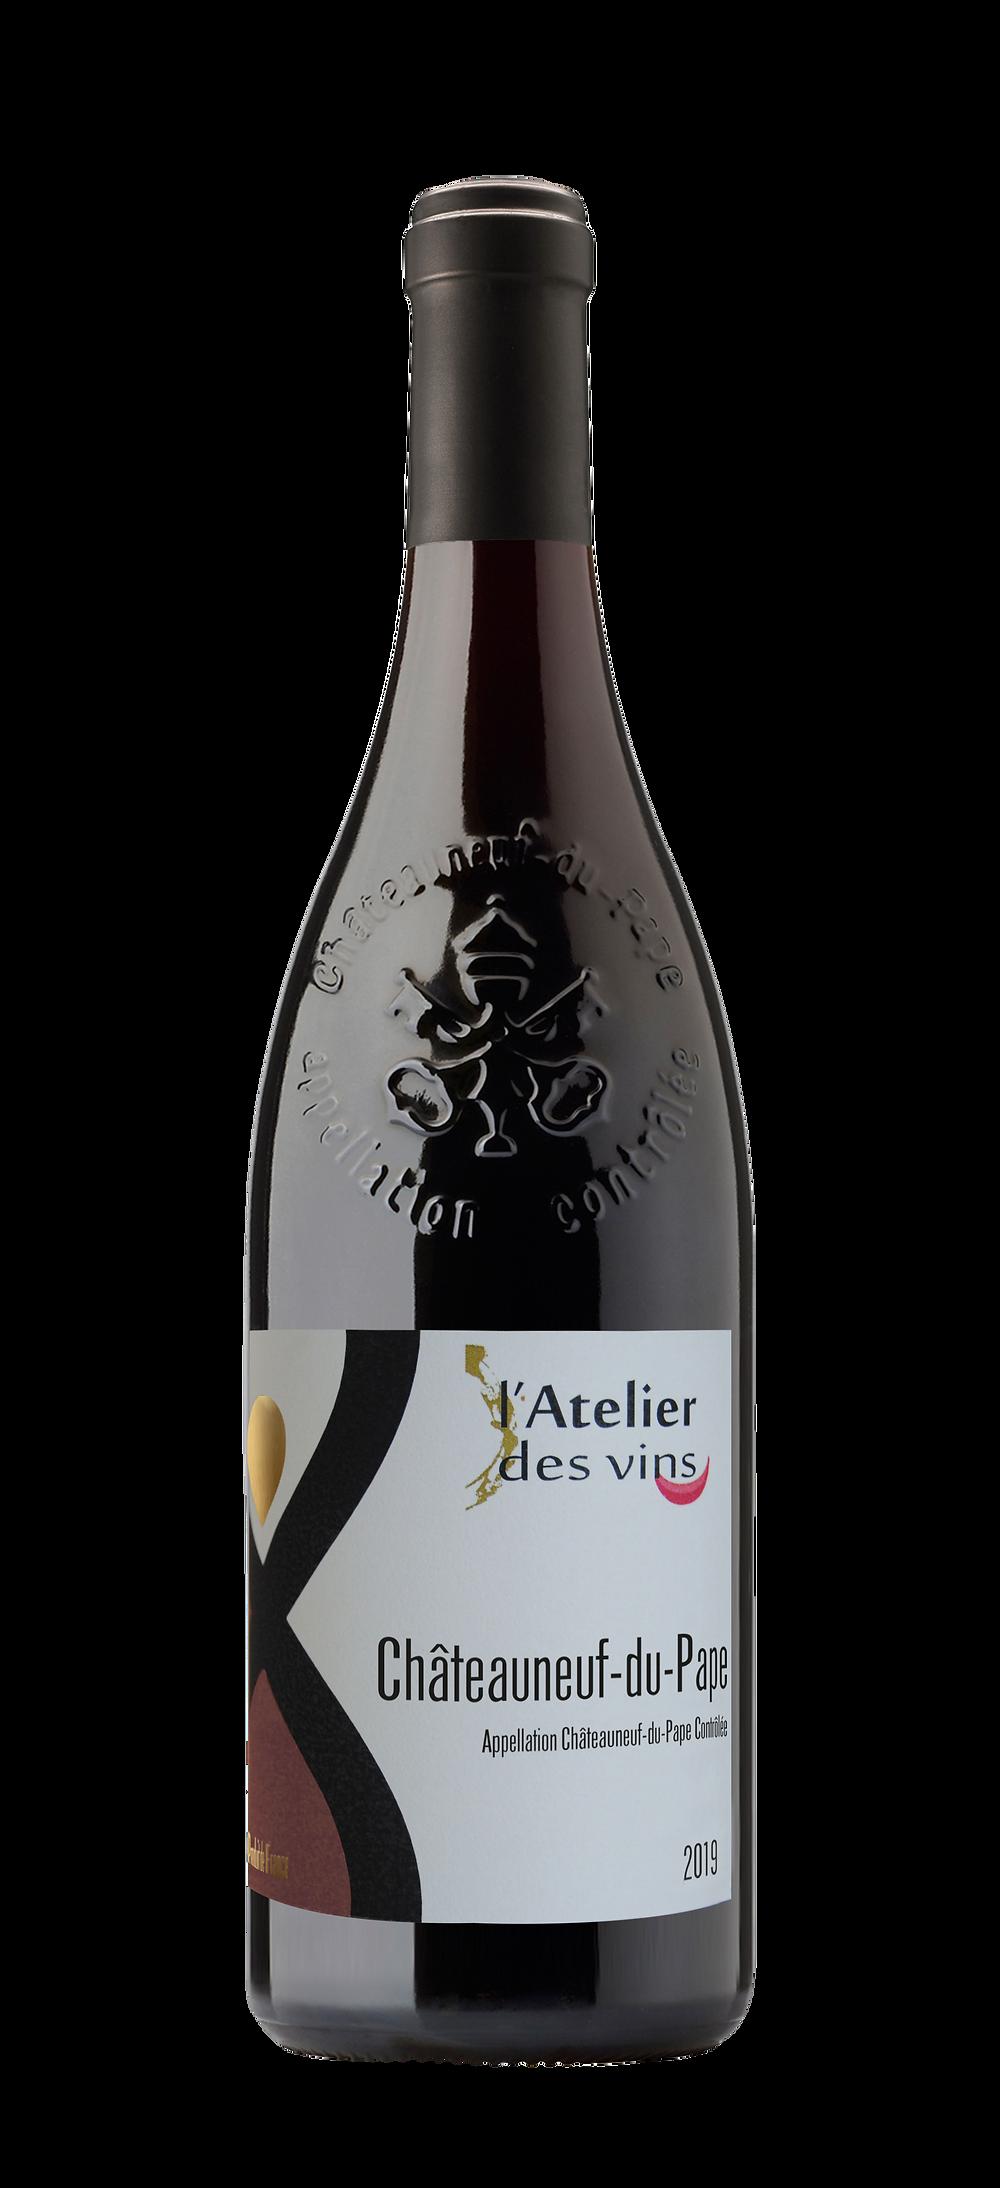 Le vins aux 13 cépages à la riche complexité qui en fait l'accord parfait avec quasiment tous les plats !